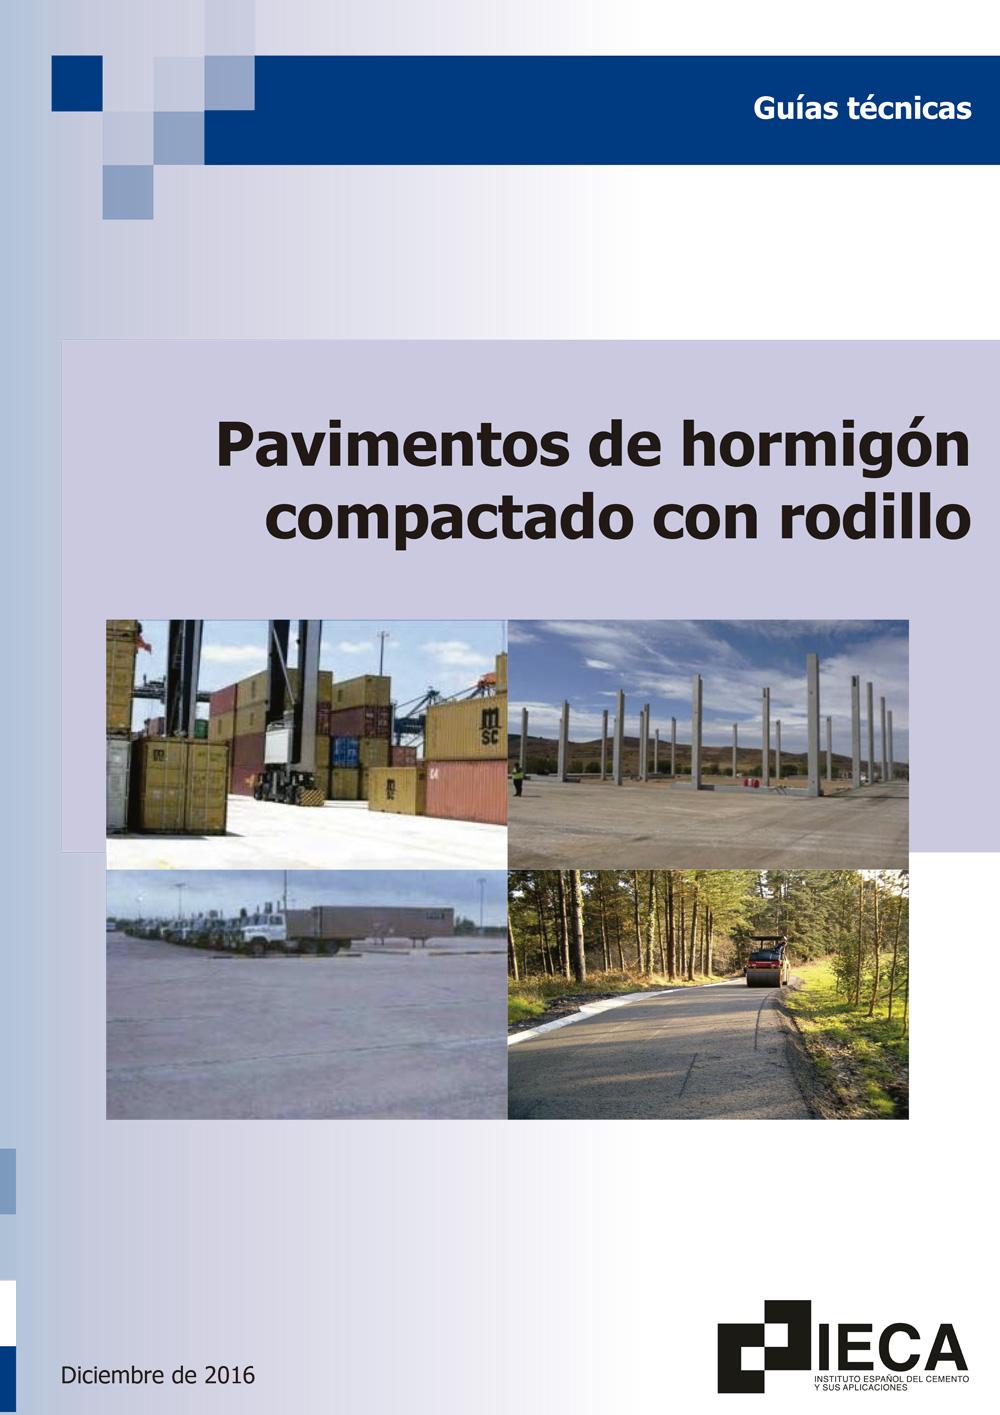 Pavimentos de hormigón compactado con rodillo